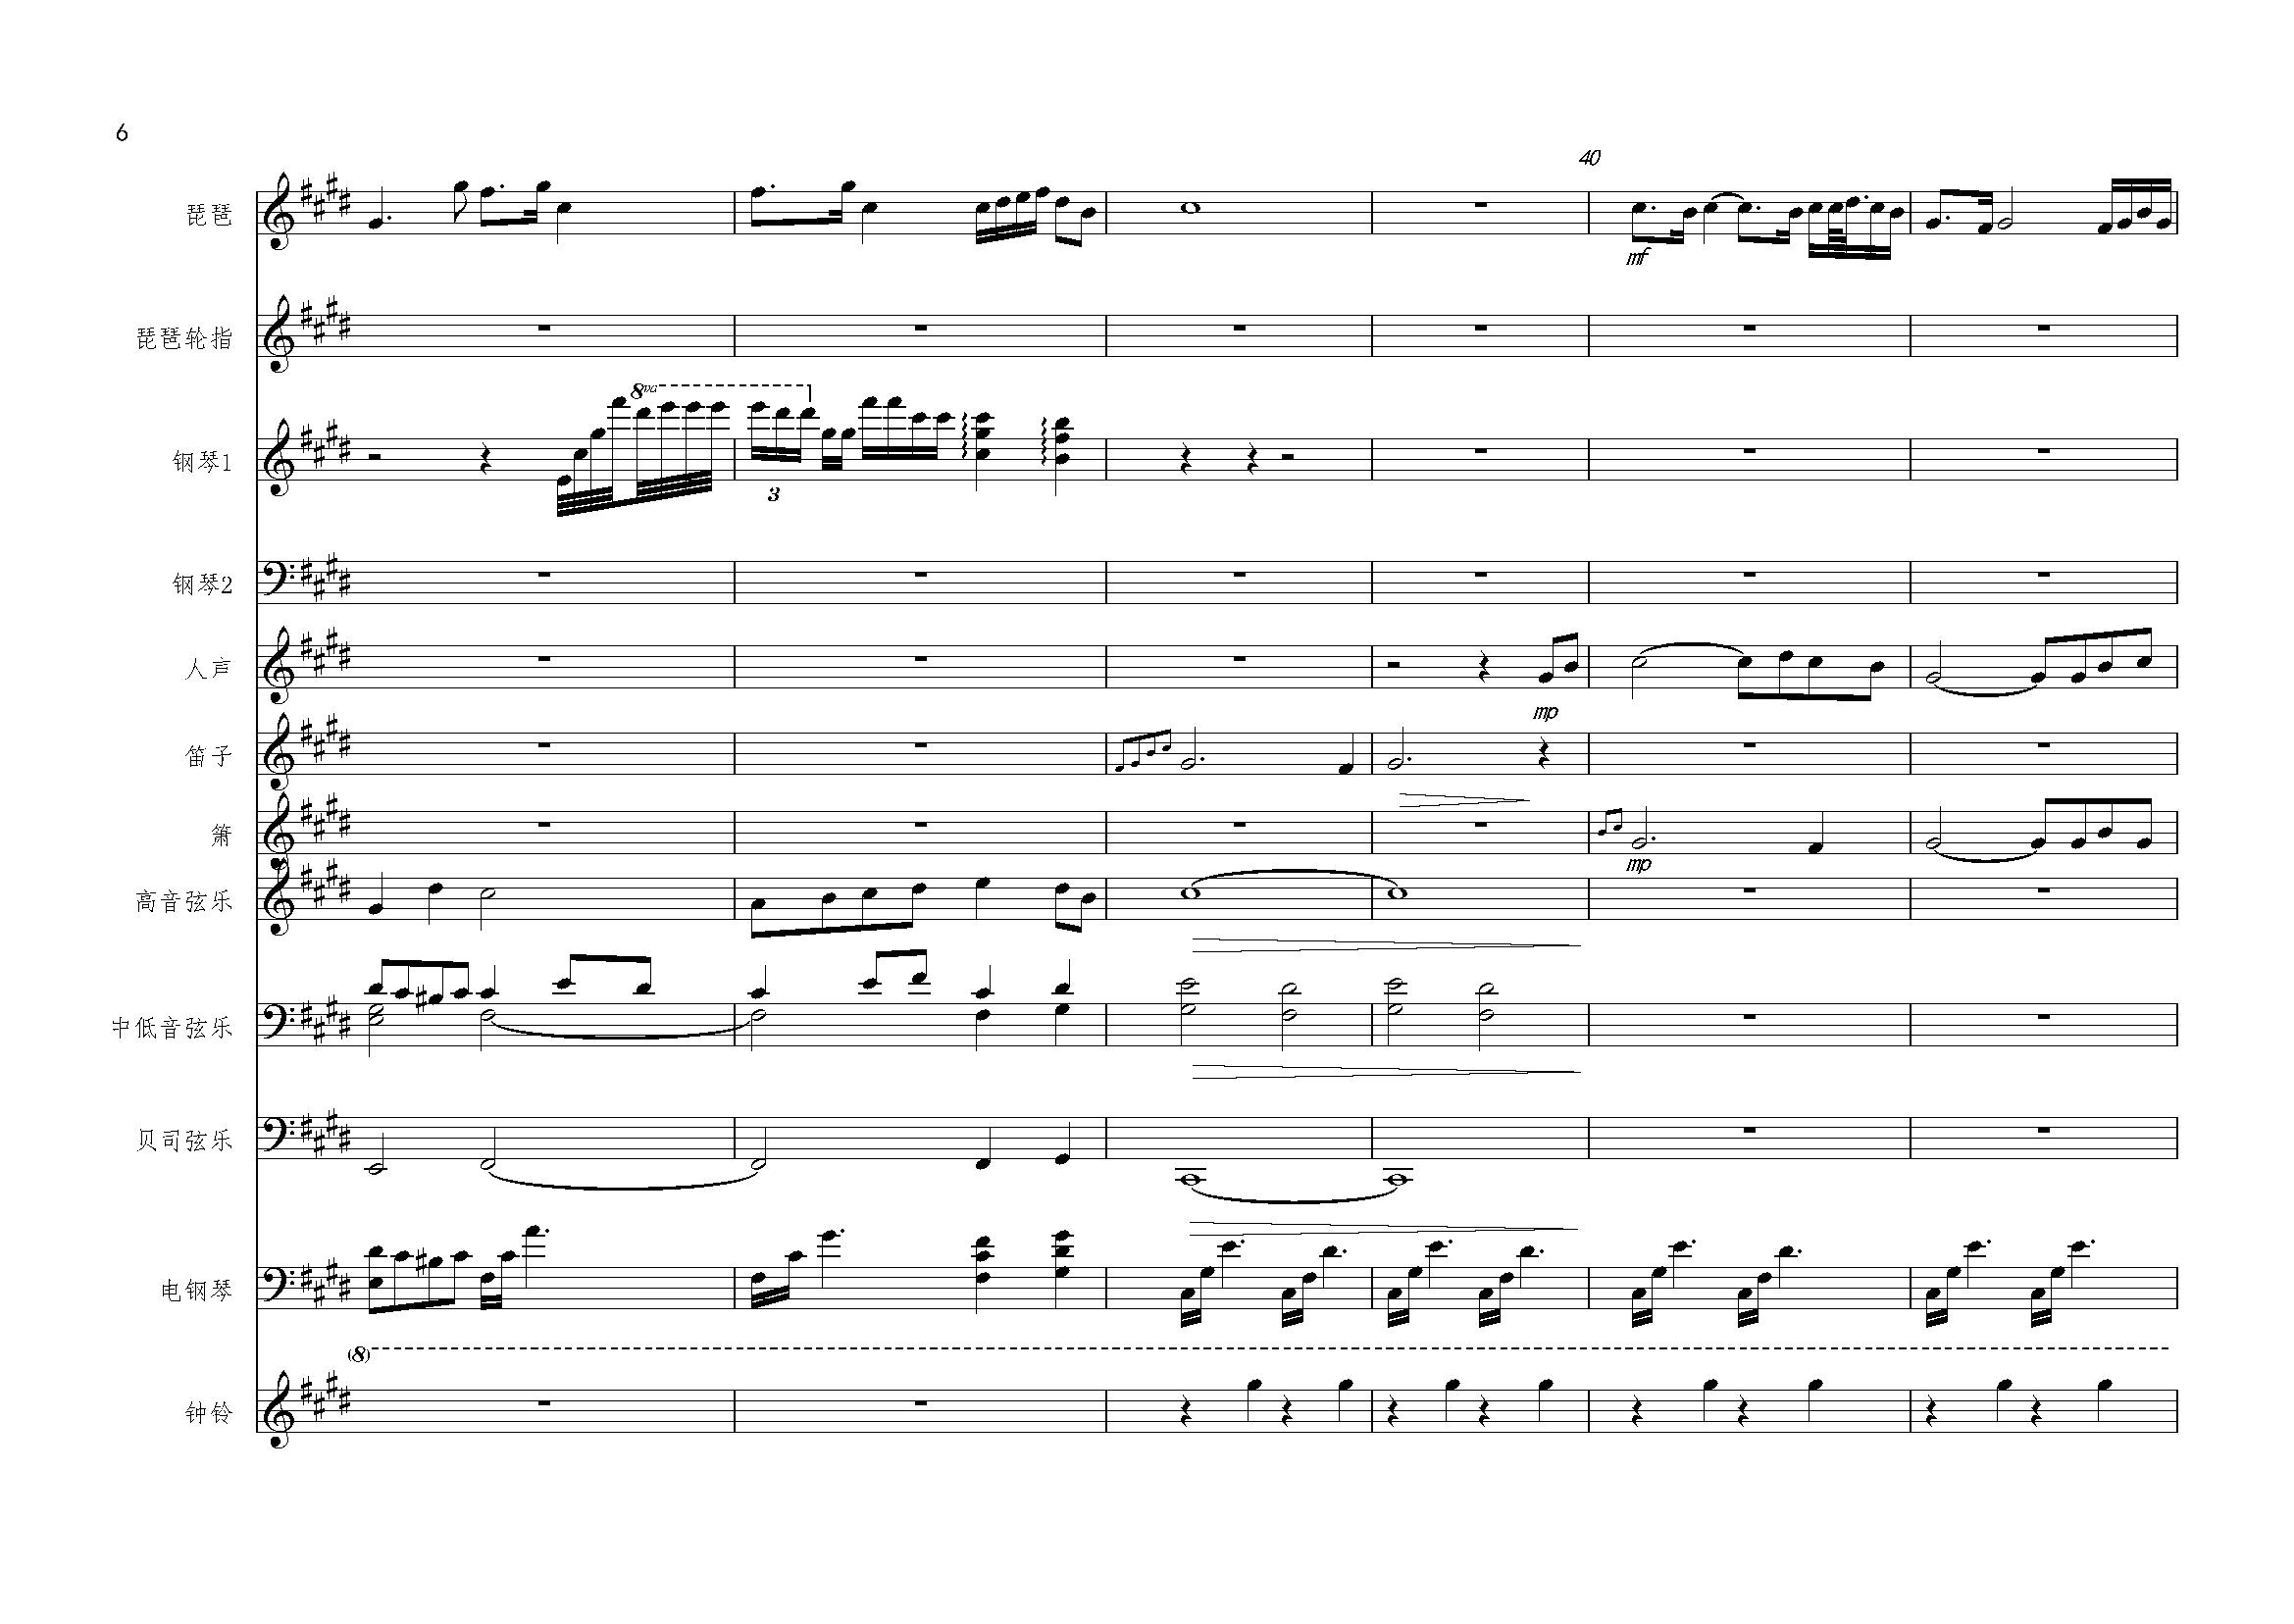 琵琶语钢琴谱 第6页